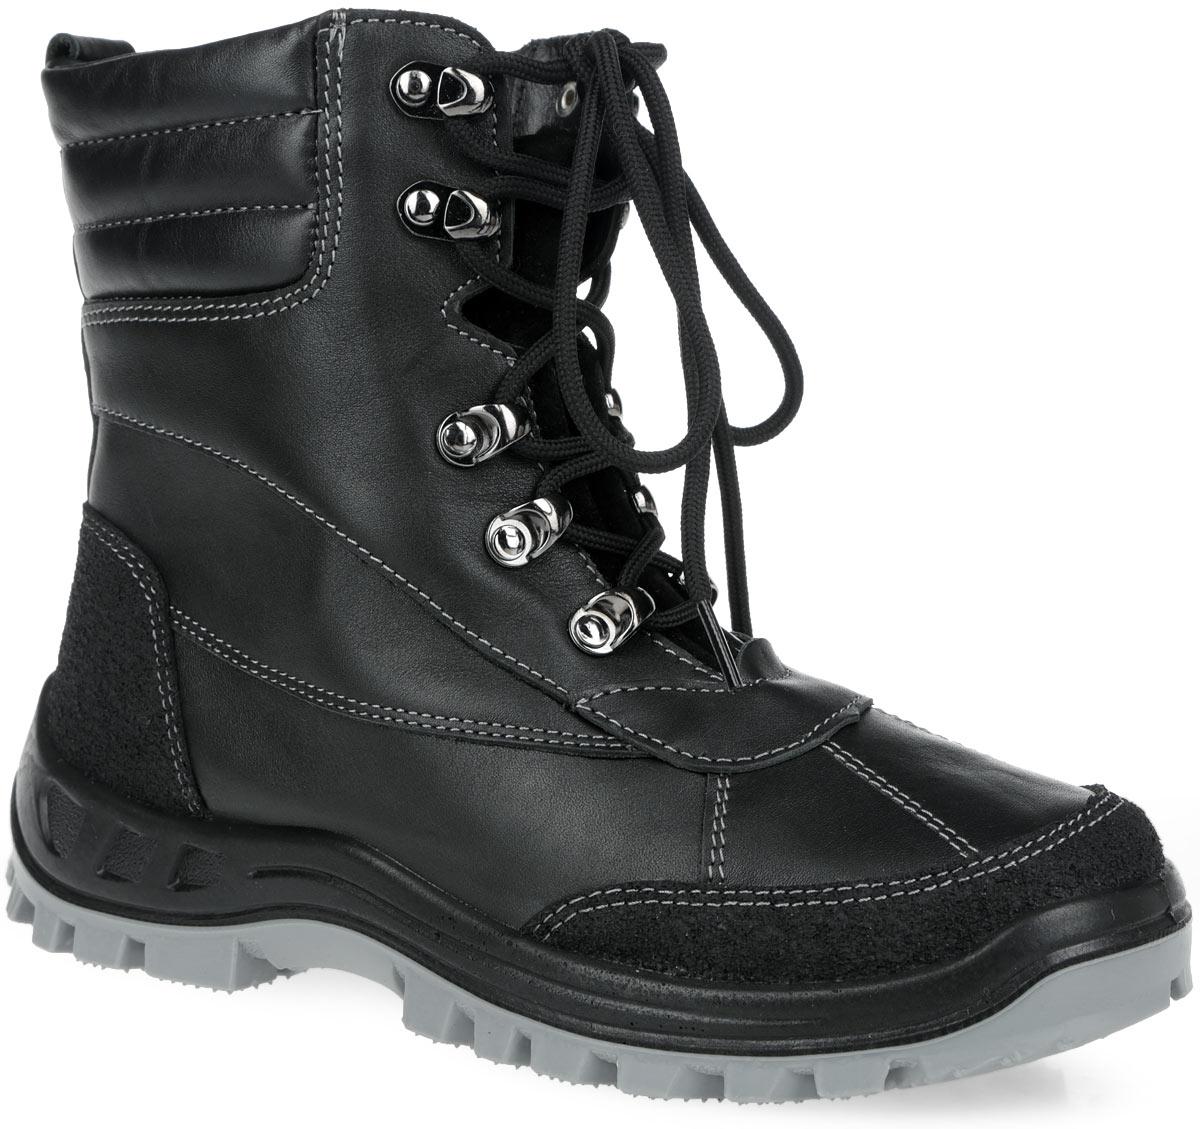 752051-41Удобные ботинки для мальчика от Котофей выполнены из натуральной кожи и оформлены контрастной прострочкой. Подкладка и съемная стелька, выполненные из шерстяного меха, не дадут ногам замерзнуть. Пяточная и носочная части защищены натуральной кожей с полиуретановым покрытием, что надолго сохраняет эффектный внешний вид обуви. Шнуровка надежно фиксирует модель на ноге. Литьевой метод крепления подошвы обеспечивает ей максимальную прочность, необходимую гибкость и минимальный вес. Подошва имеет анатомическую форму следа и в точности повторяет изгибы свода стопы, что позволяет ноге чувствовать себя комфортно весь день. Резиновая накладка на ходовой поверхности предотвращает скольжение. Удобные ботинки - необходимая вещь в гардеробе вашего ребенка.